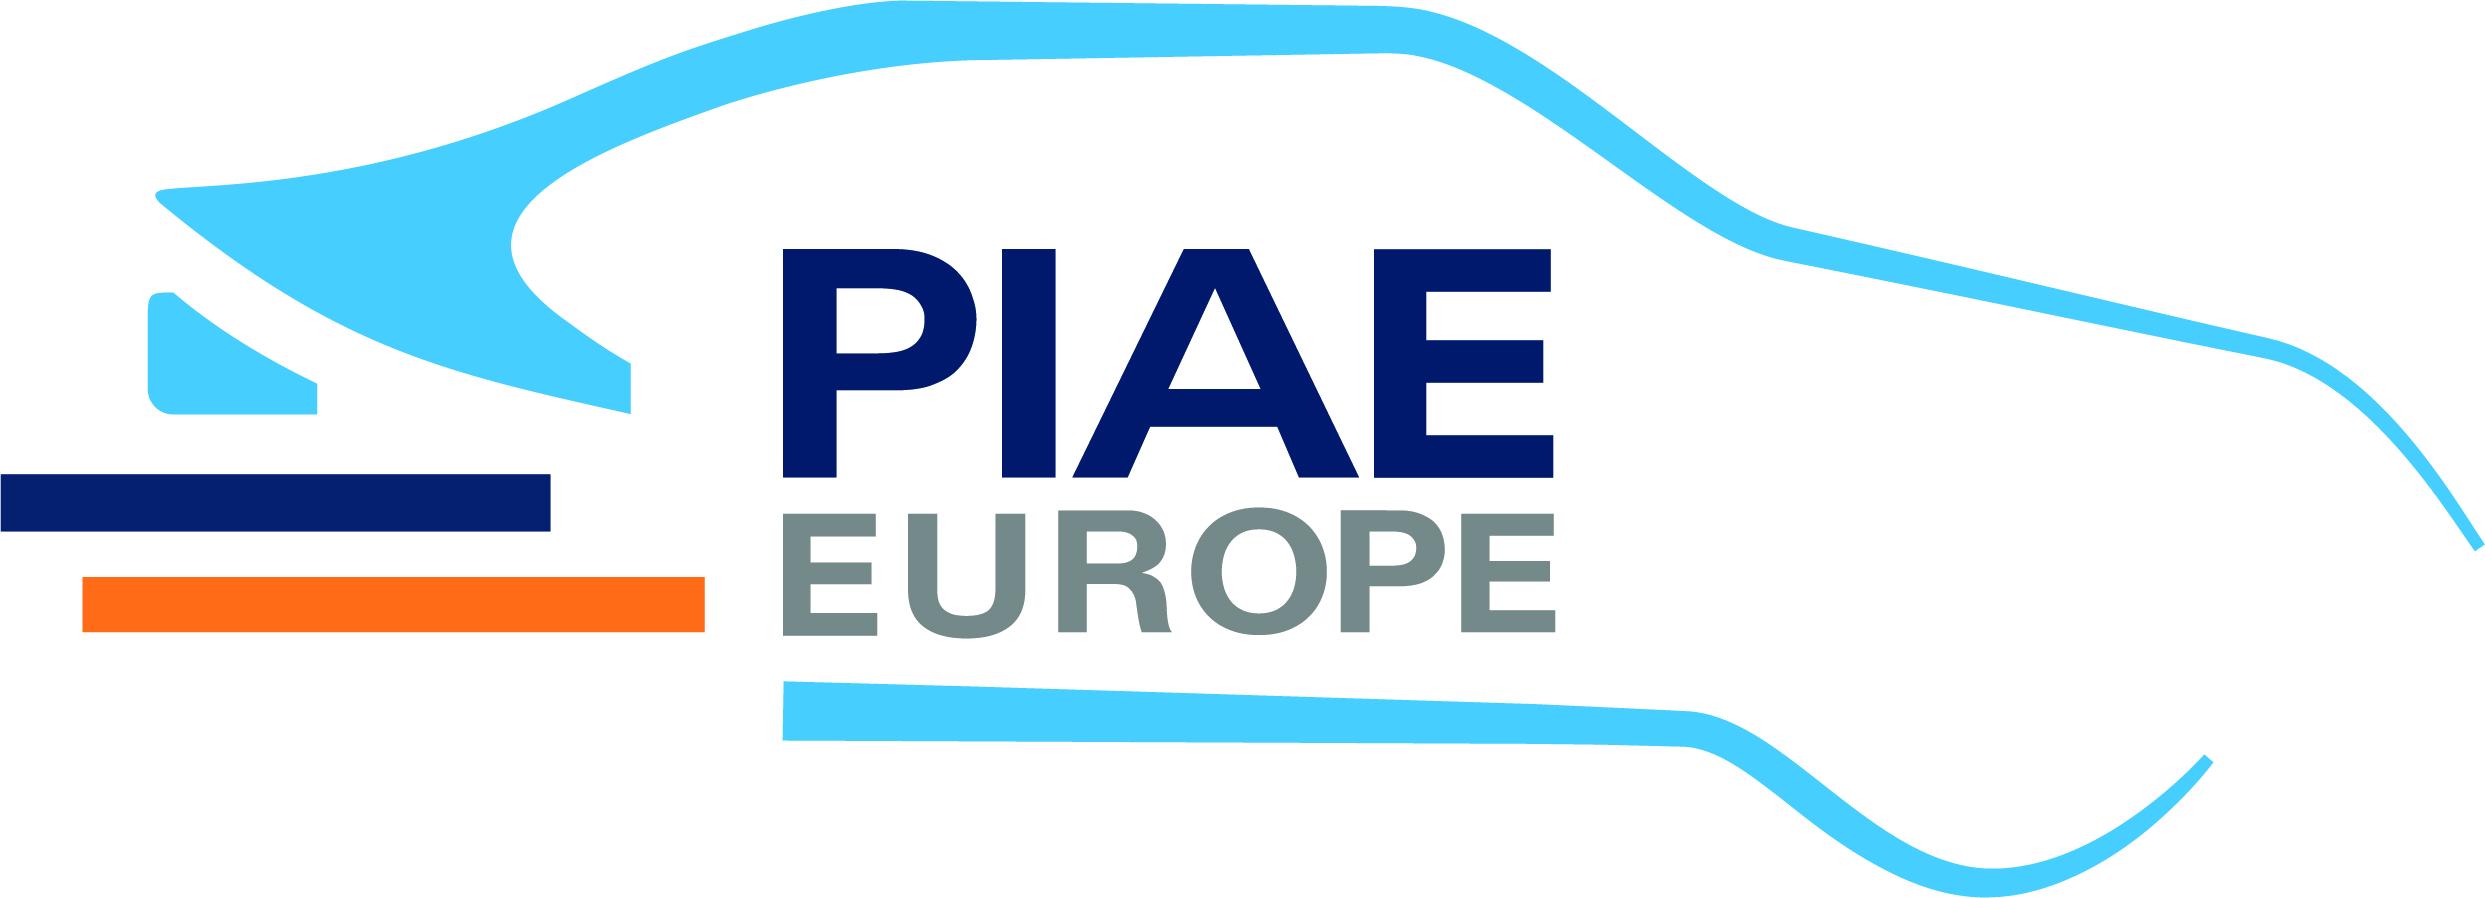 PIAE Europe